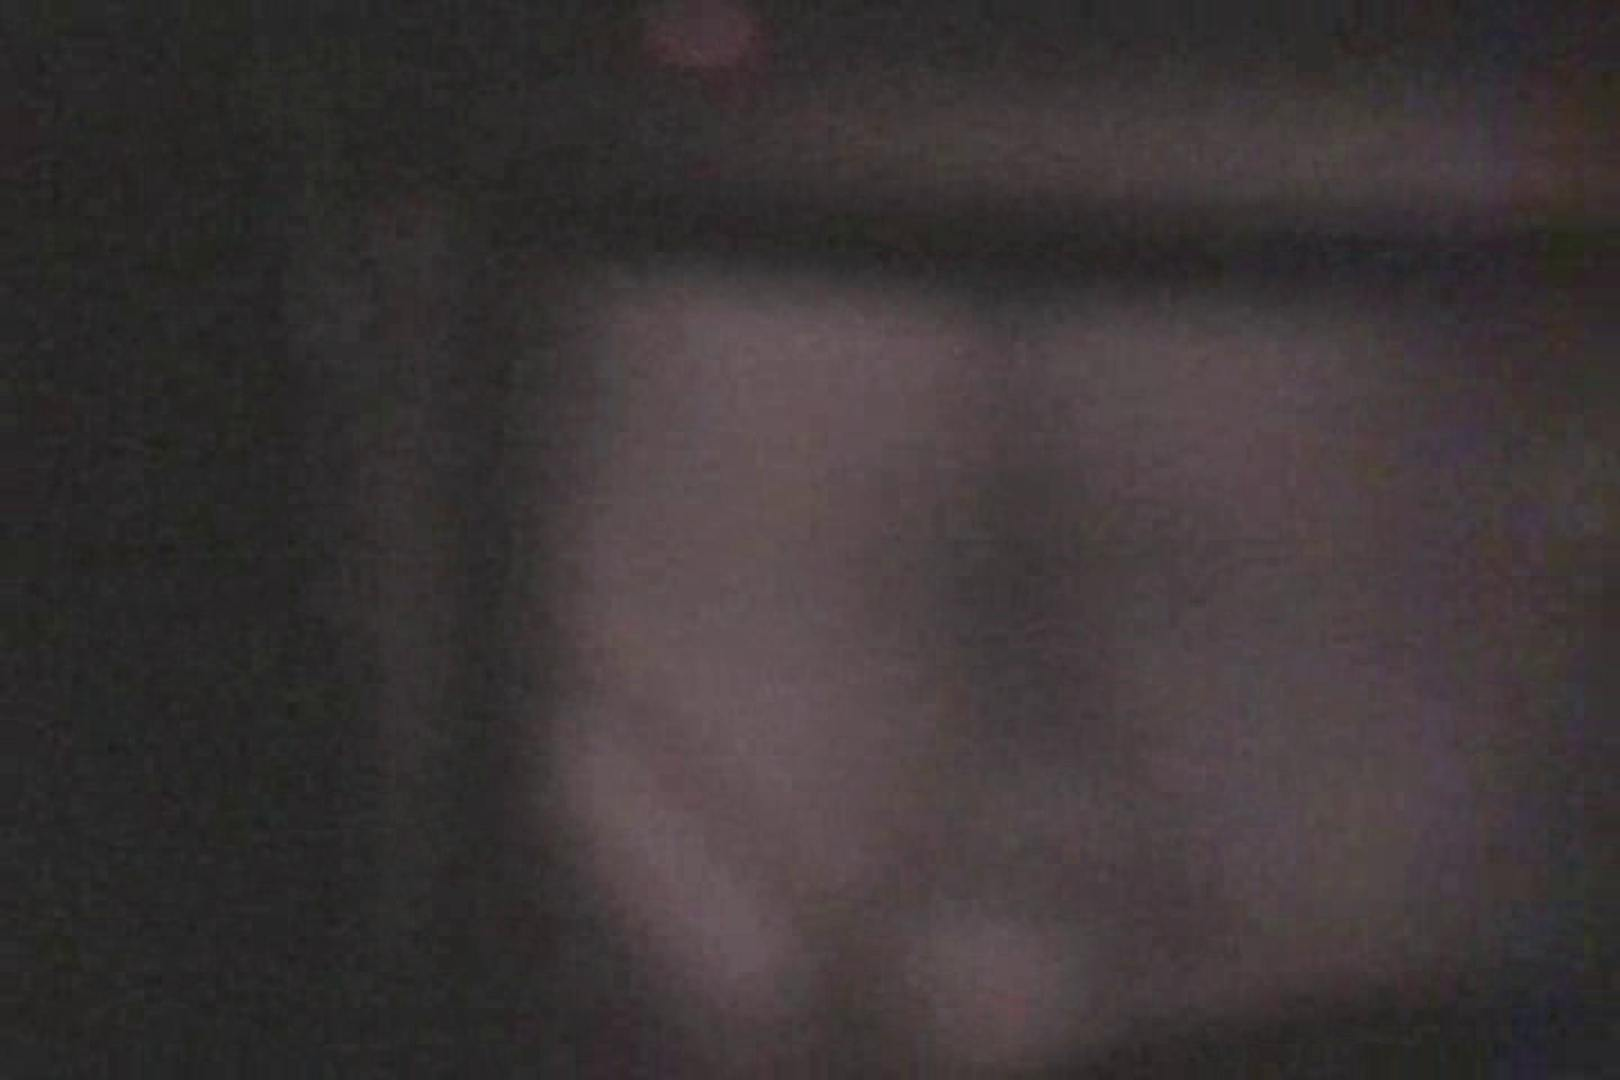 蔵出し!!赤外線カーセックスVol.24 セックス おめこ無修正画像 67PIX 28